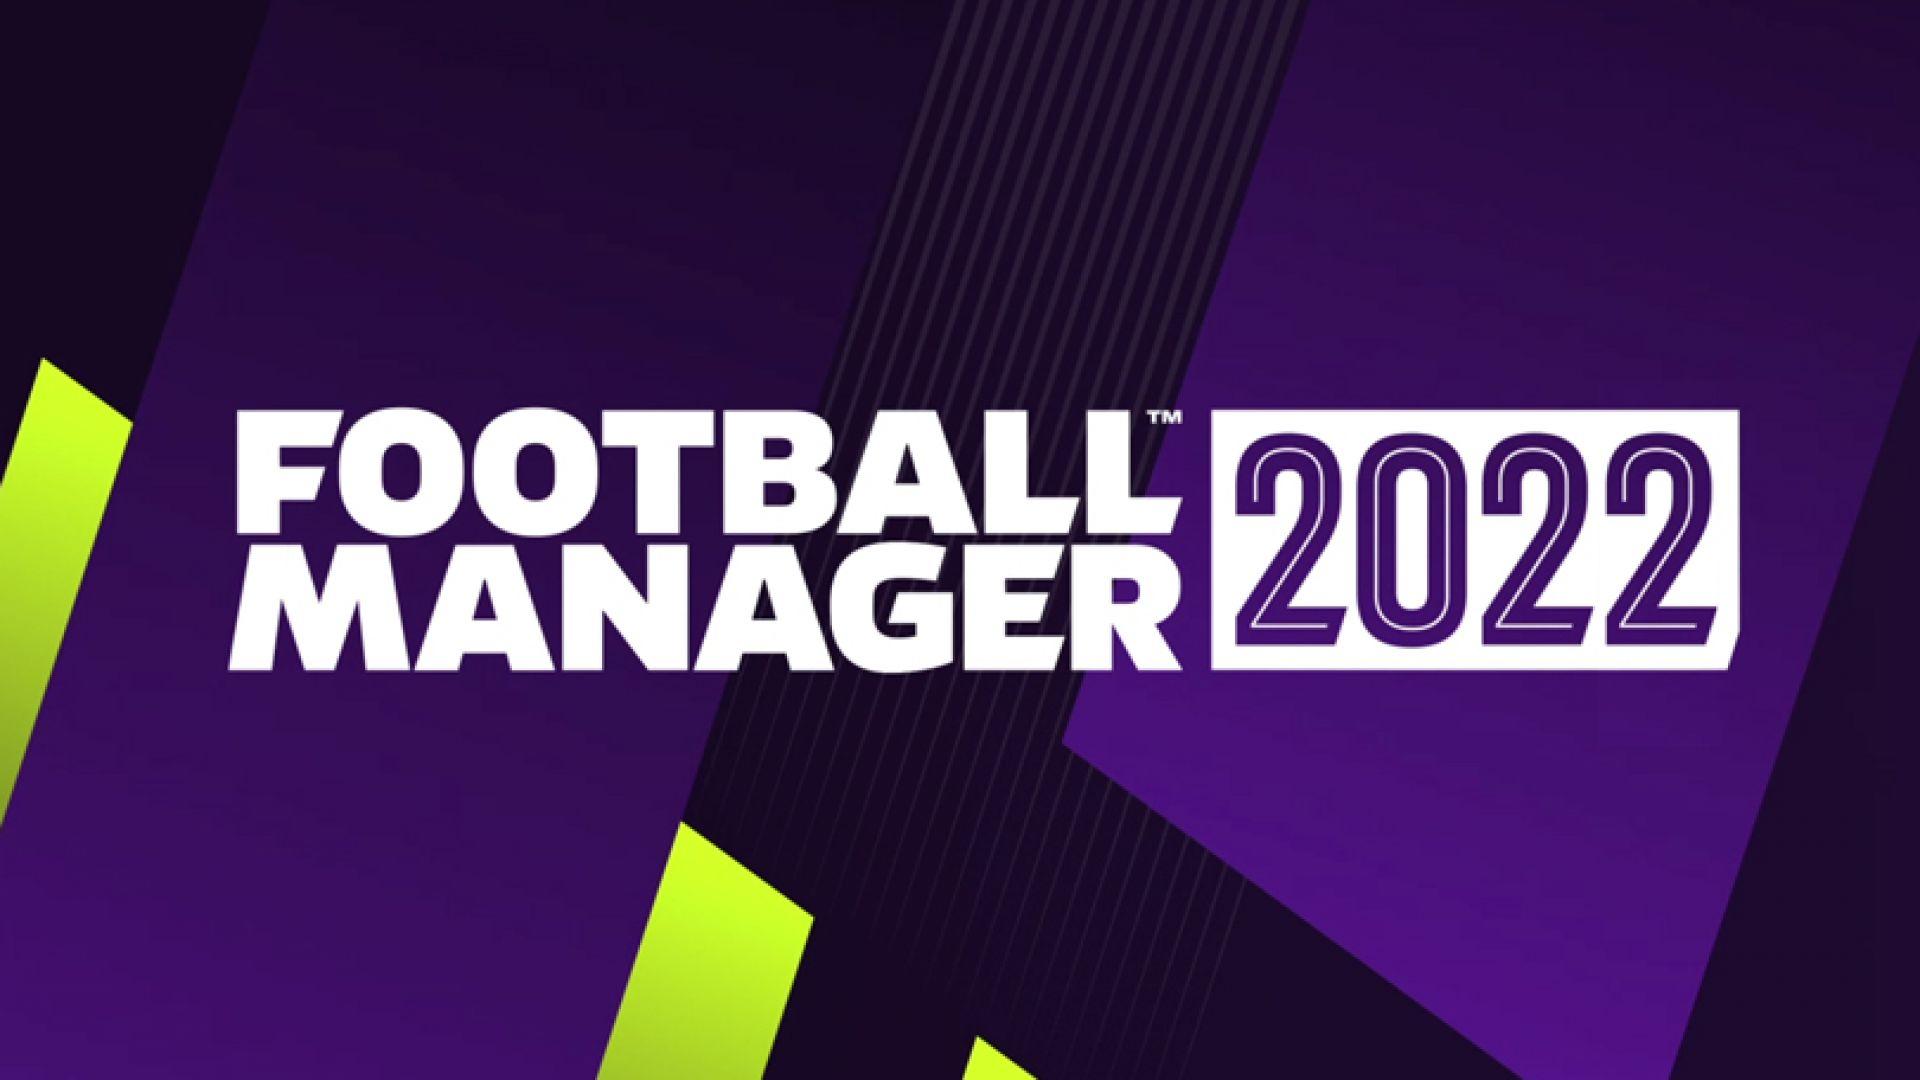 Football Manager 2022 излиза в началото на ноември